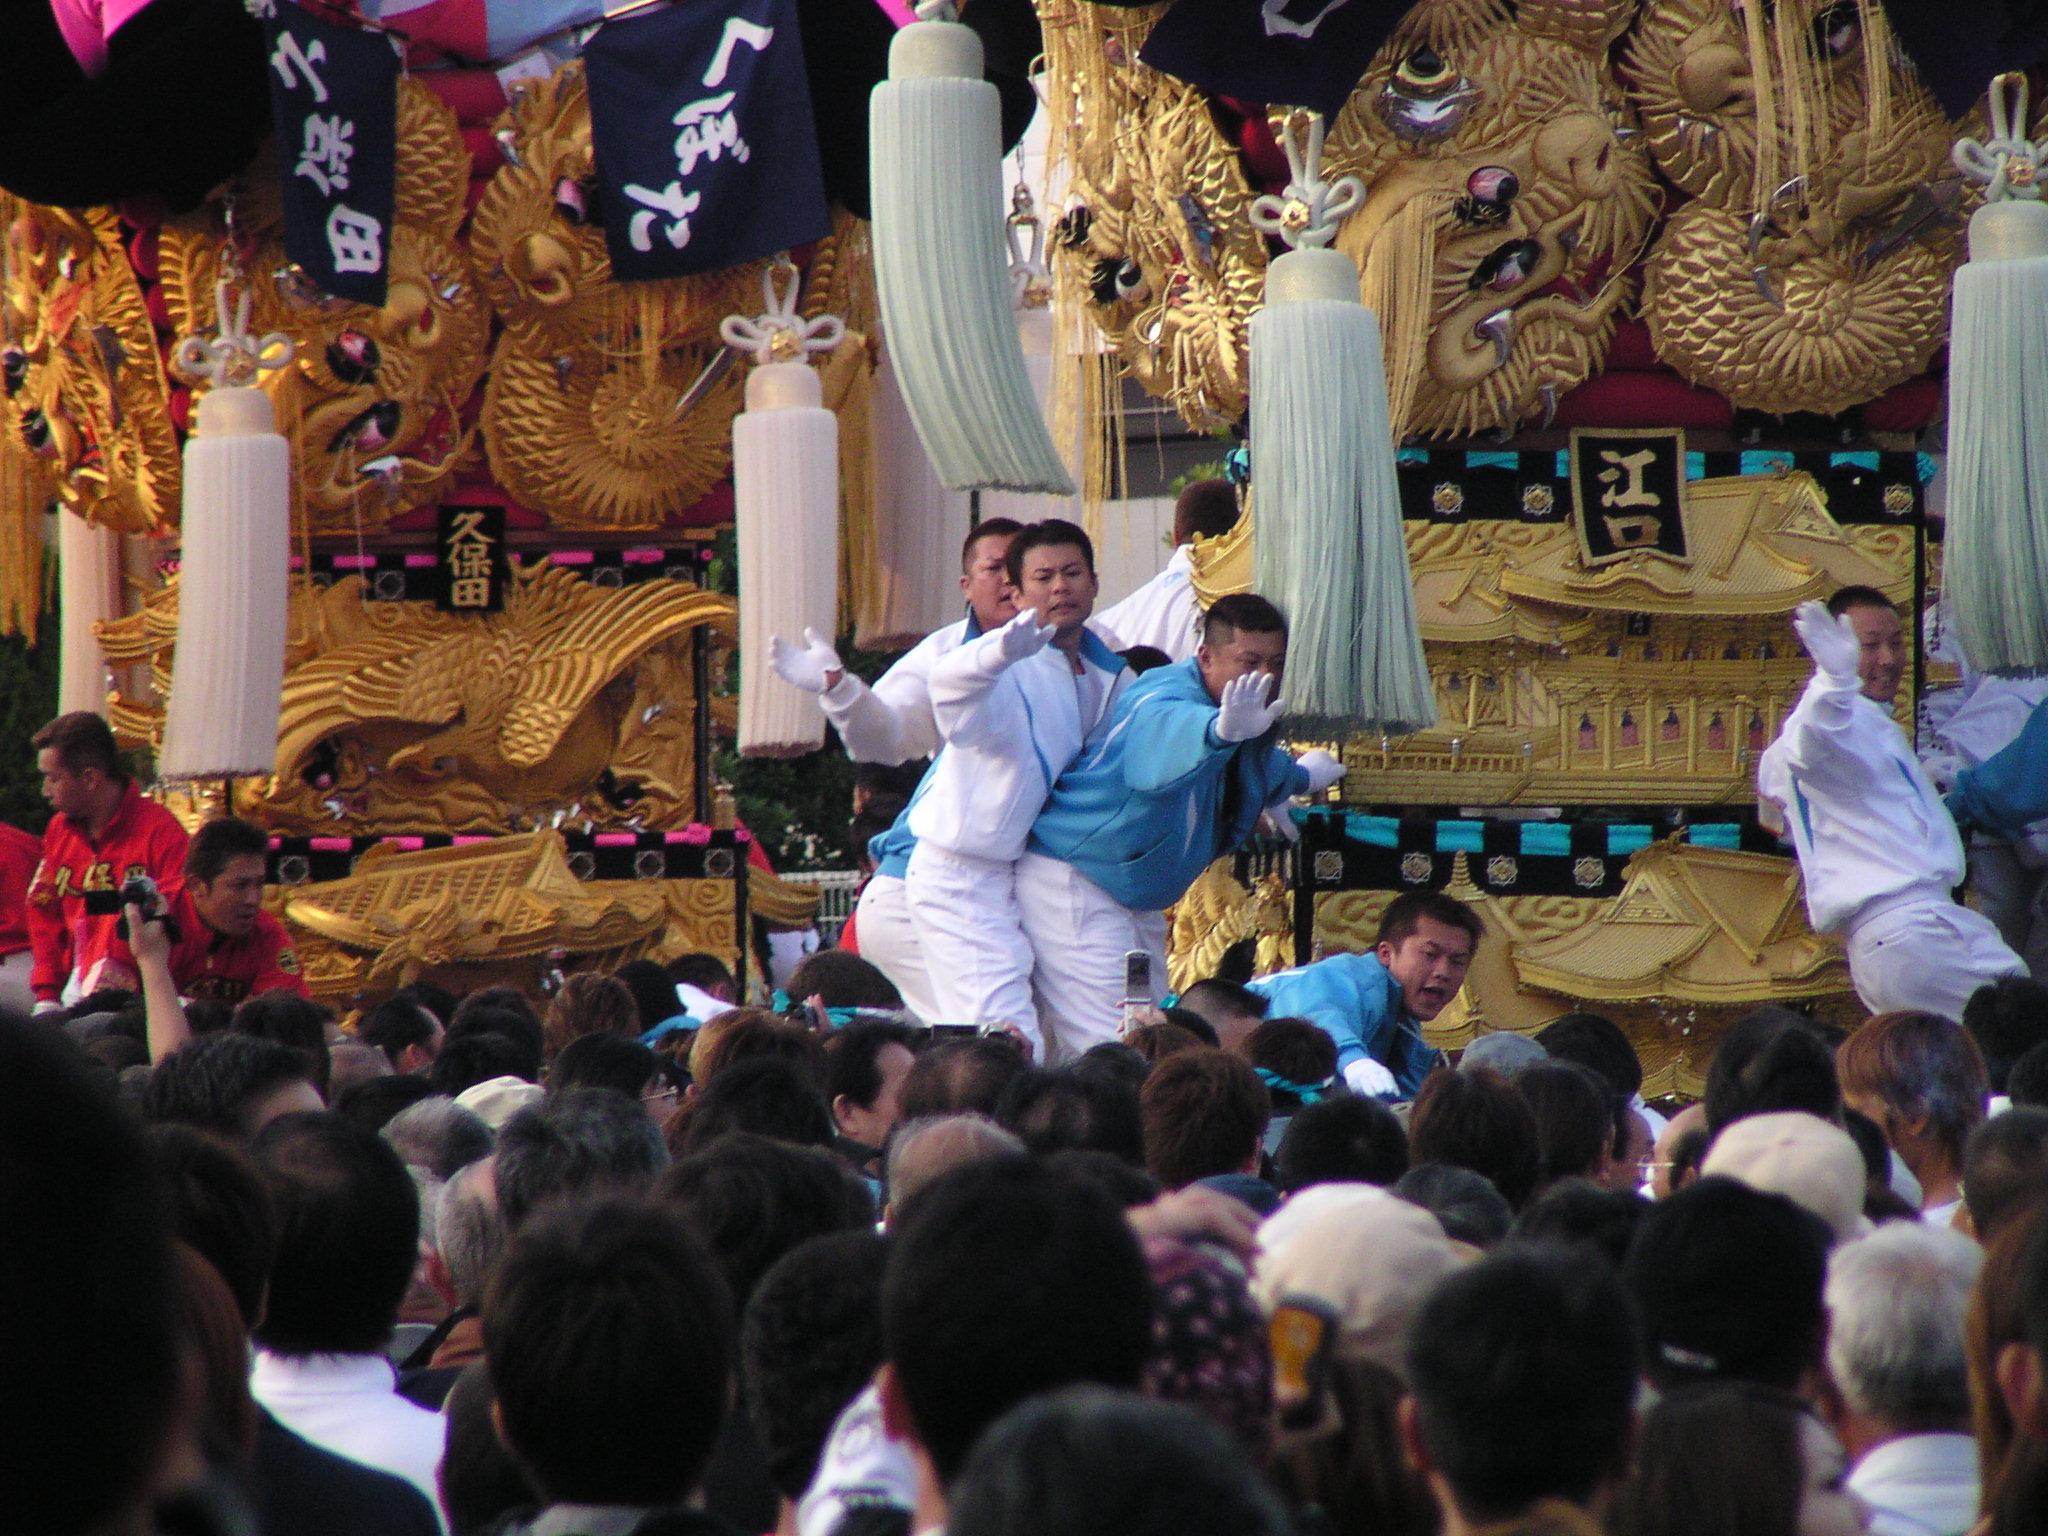 江口太鼓台vs久保田太鼓台の喧嘩